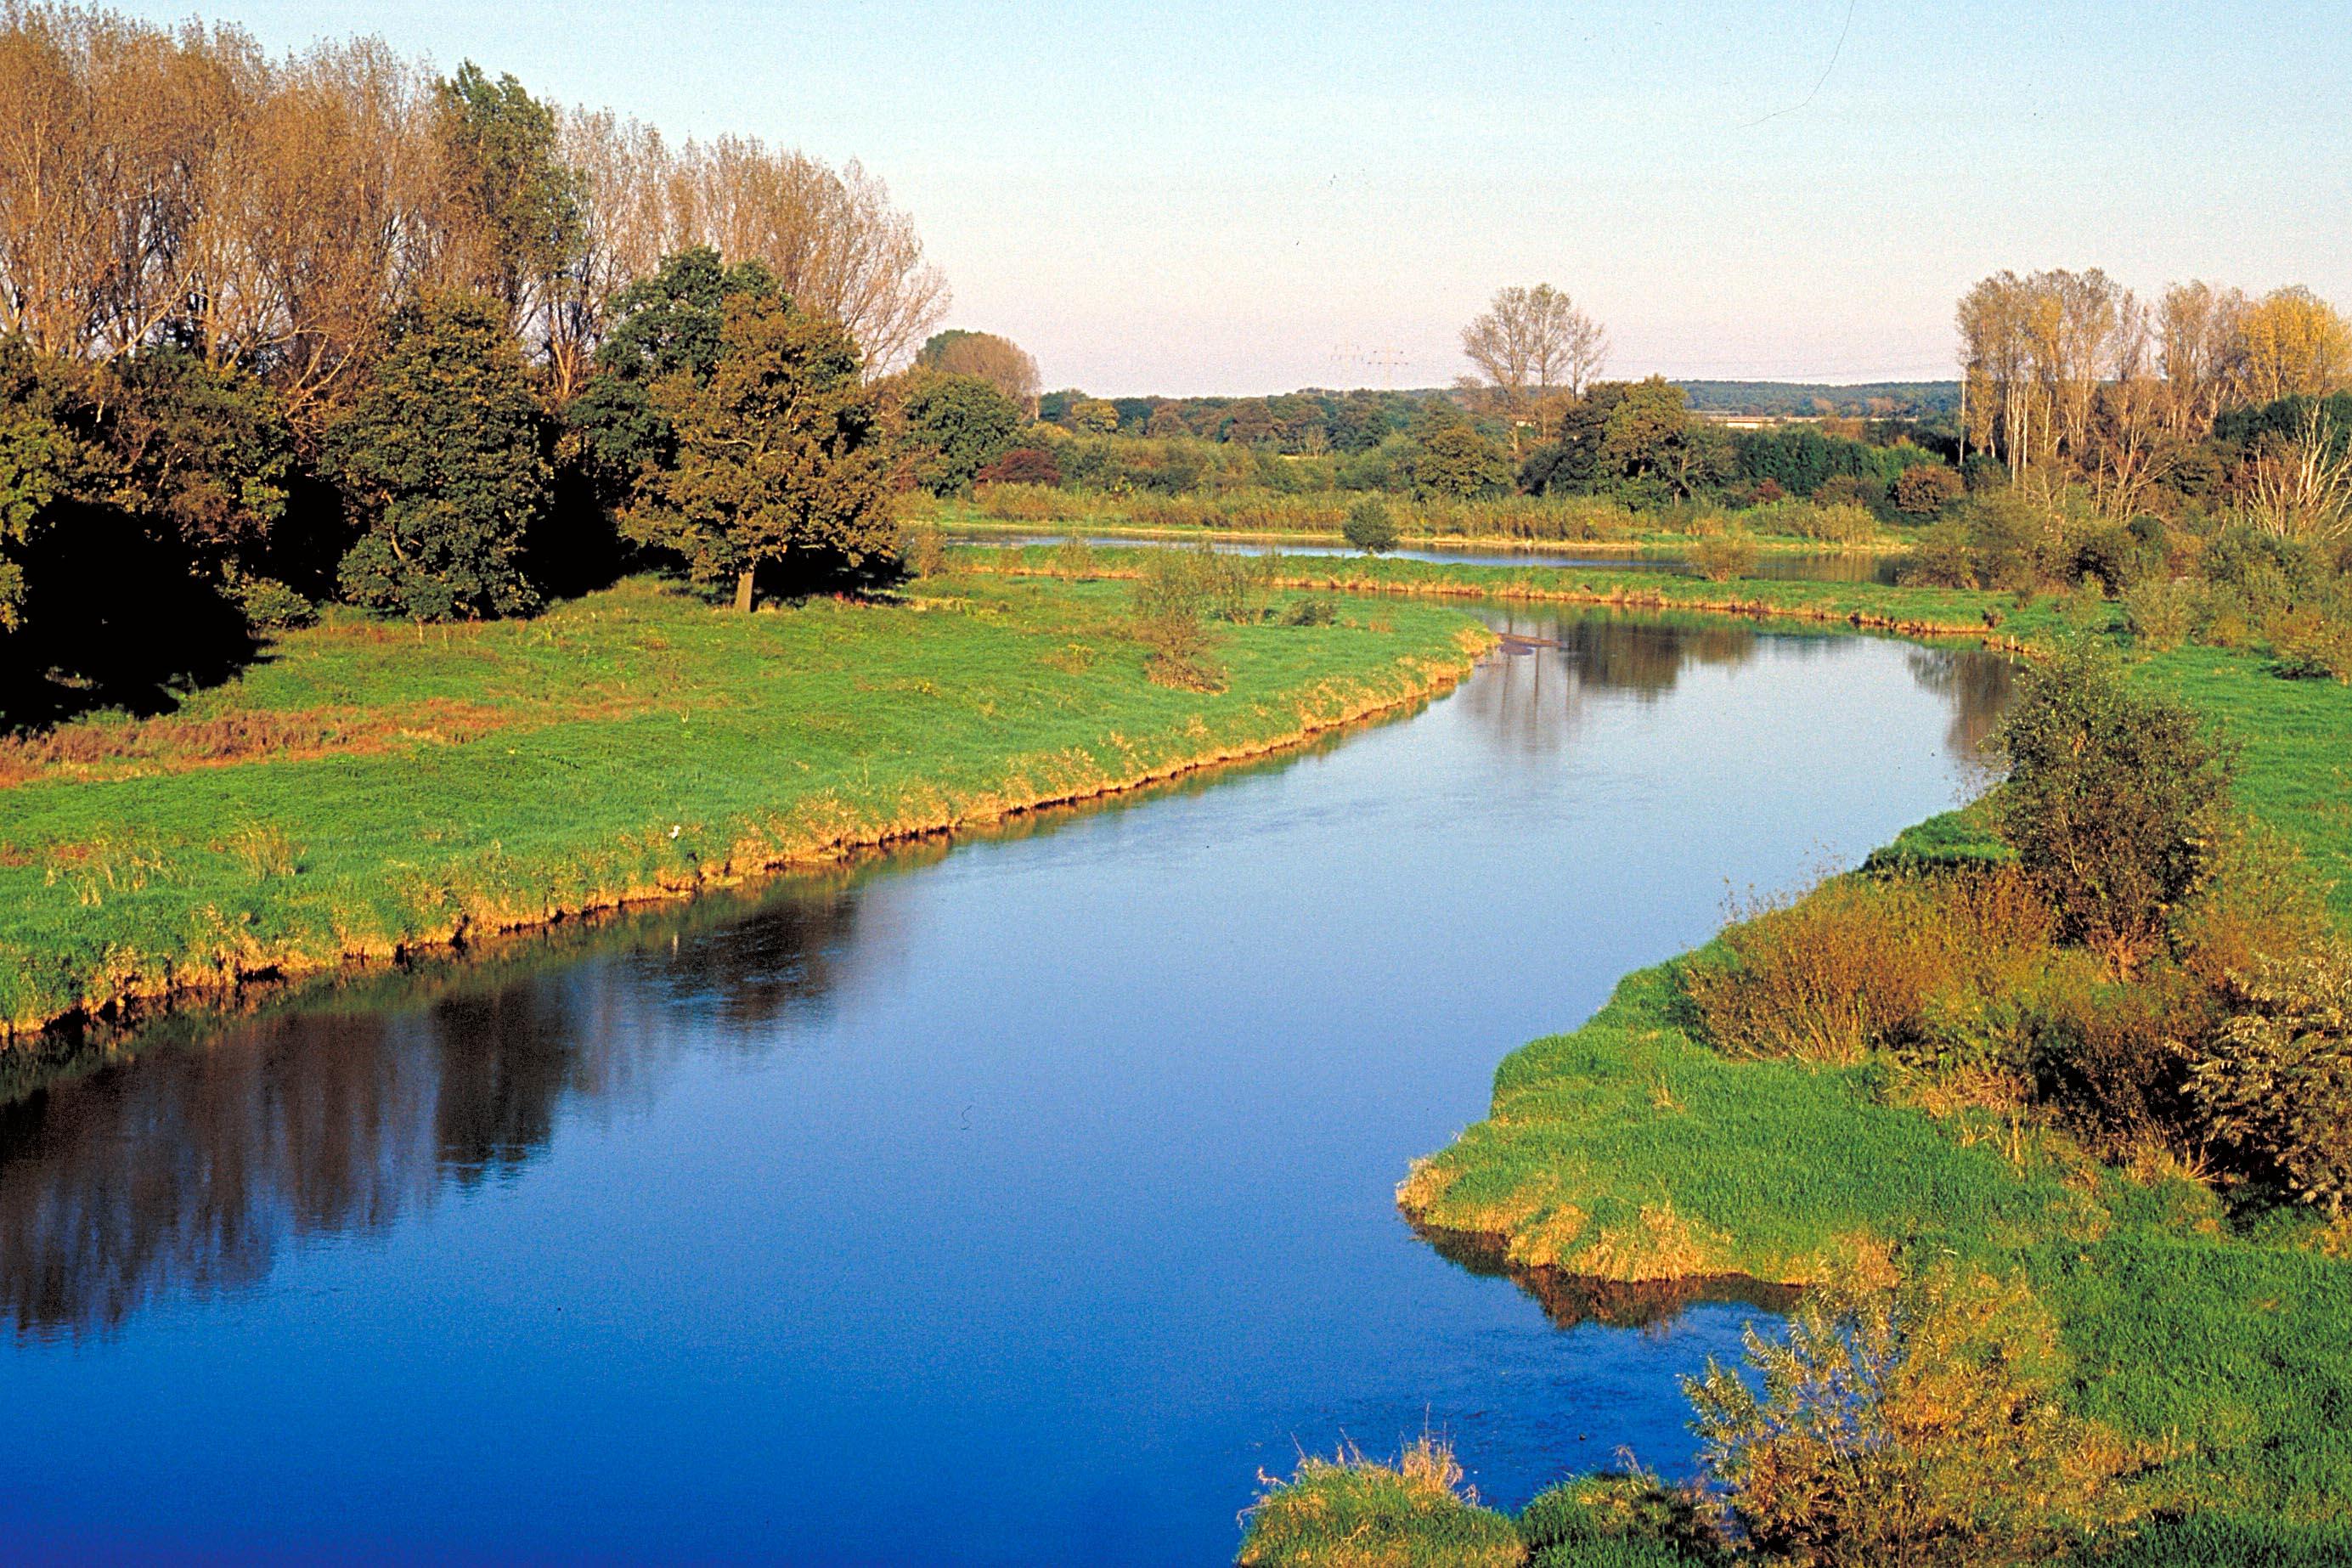 Die Lippe bei Haltern - ein idealer Fluss für Wanderungen auf dem Wasser.